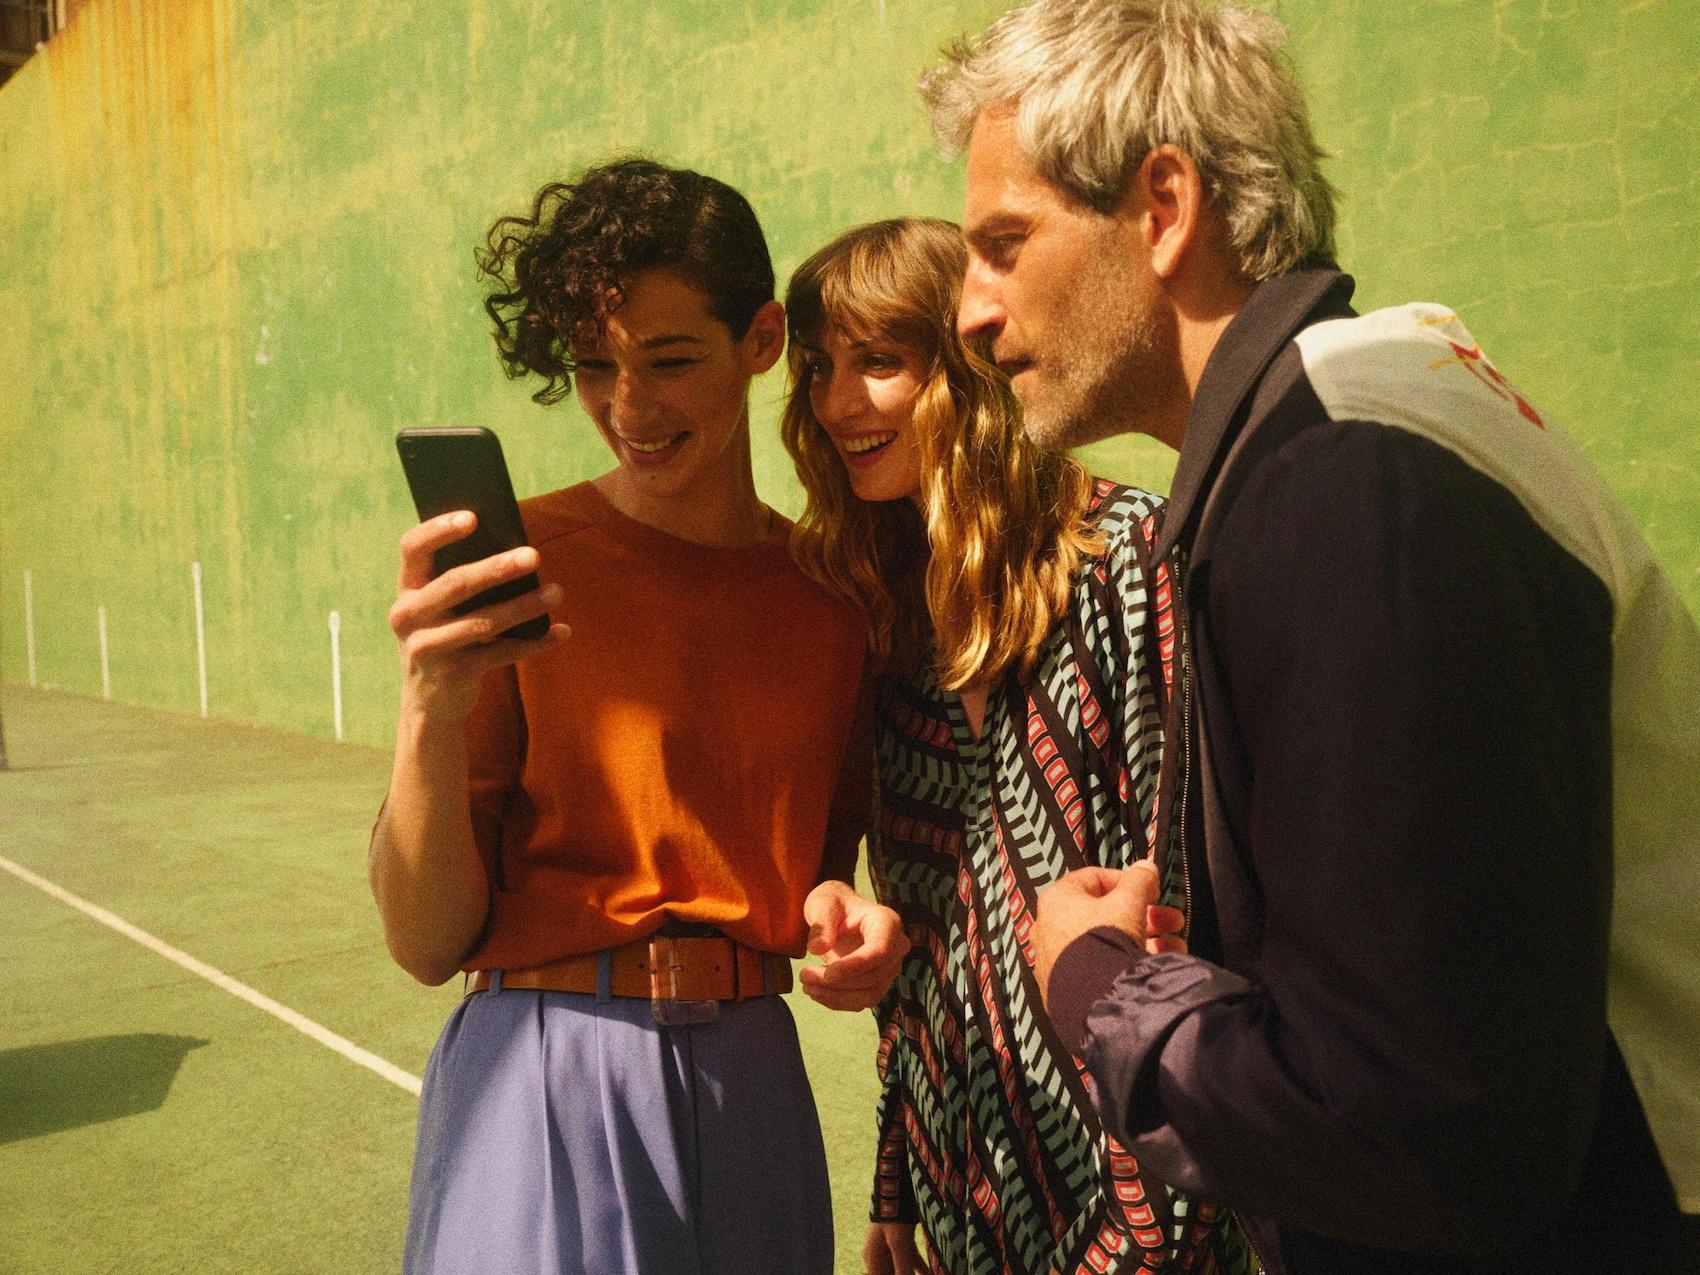 Drei Menschen gucken auf ein Mobiltelefon.